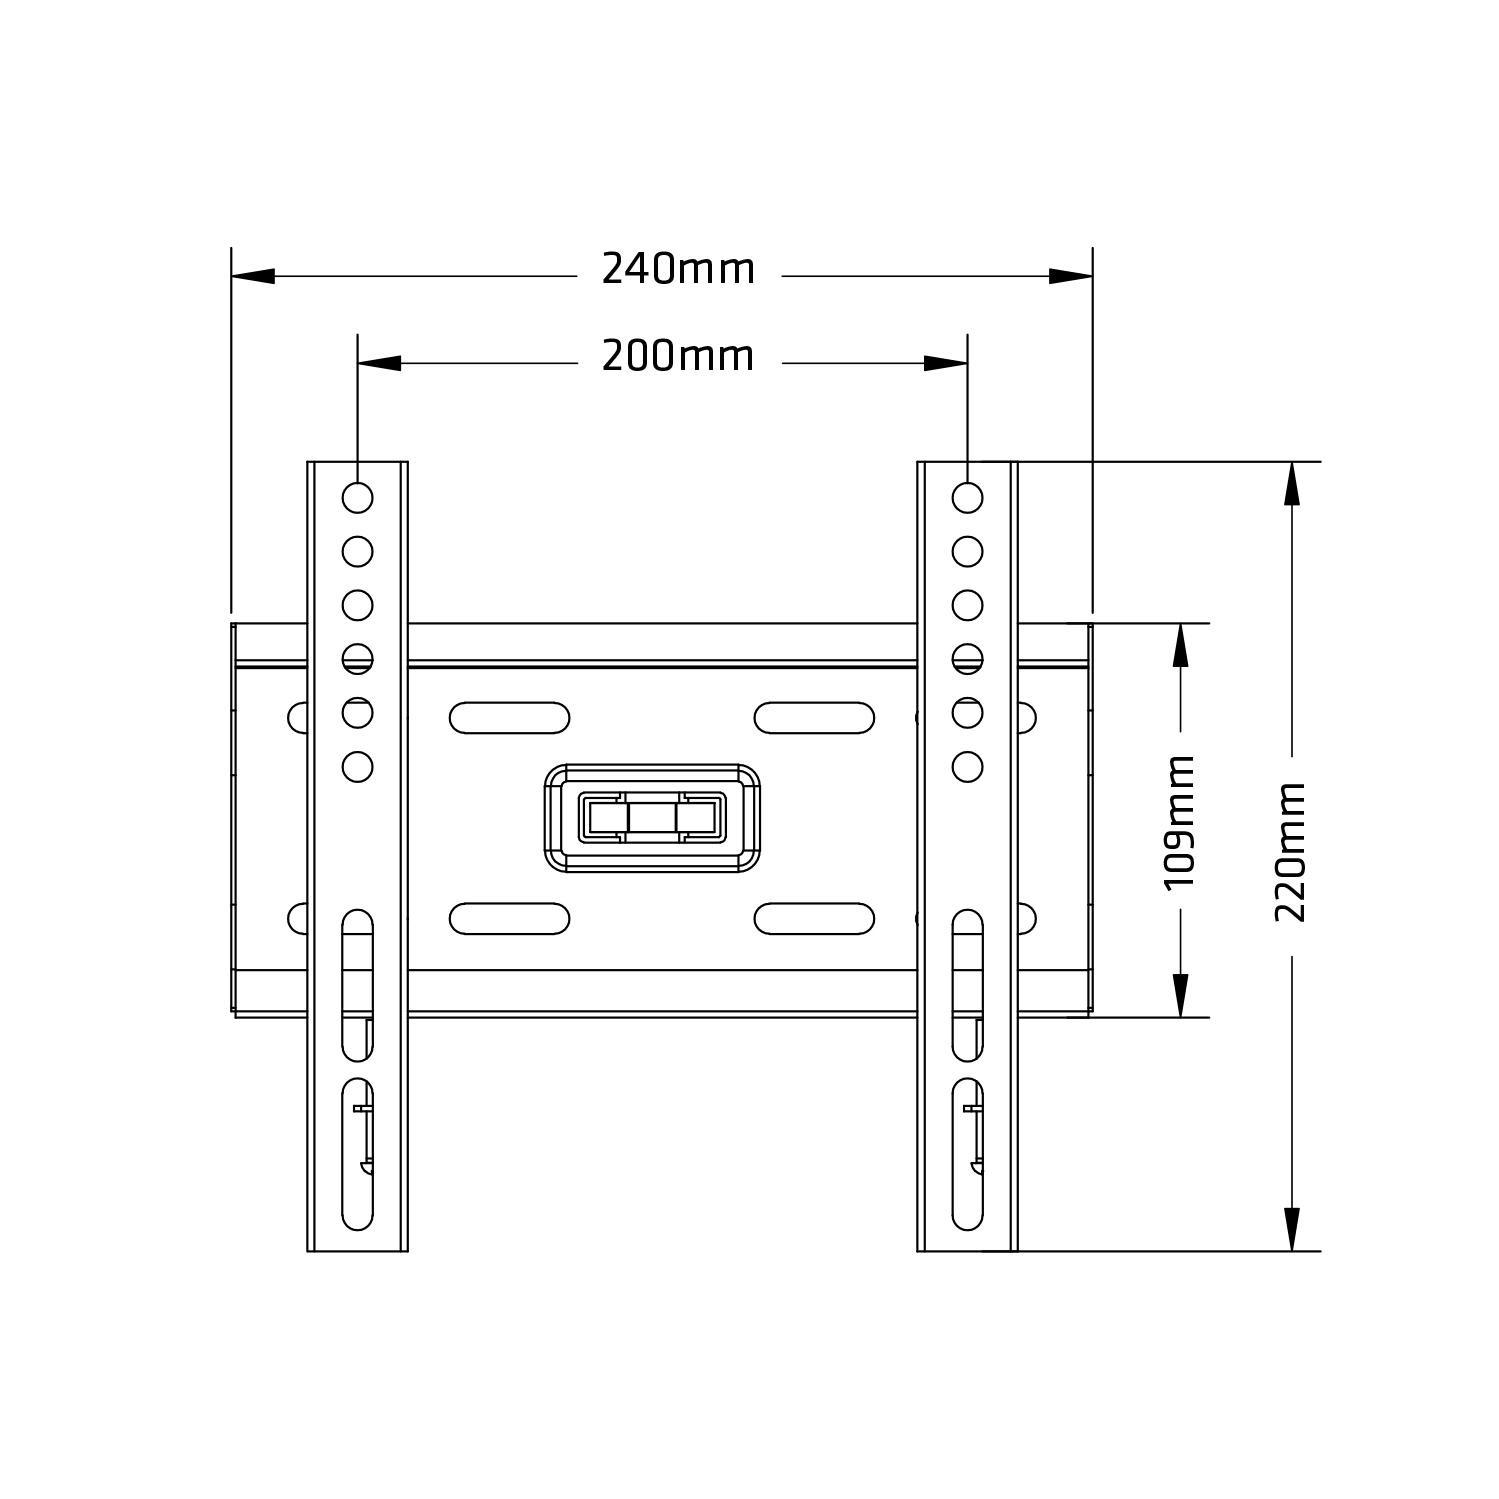 Levný držák na LCD LED televizi nebo monitor s úhlopříčkou 13-42 palců, nosnost 35kg, VESA 75x75 až 200x200, konstrukce ocelová, integrovaná vodováha, montážní materiál v balení - Fiber Mounts AX777